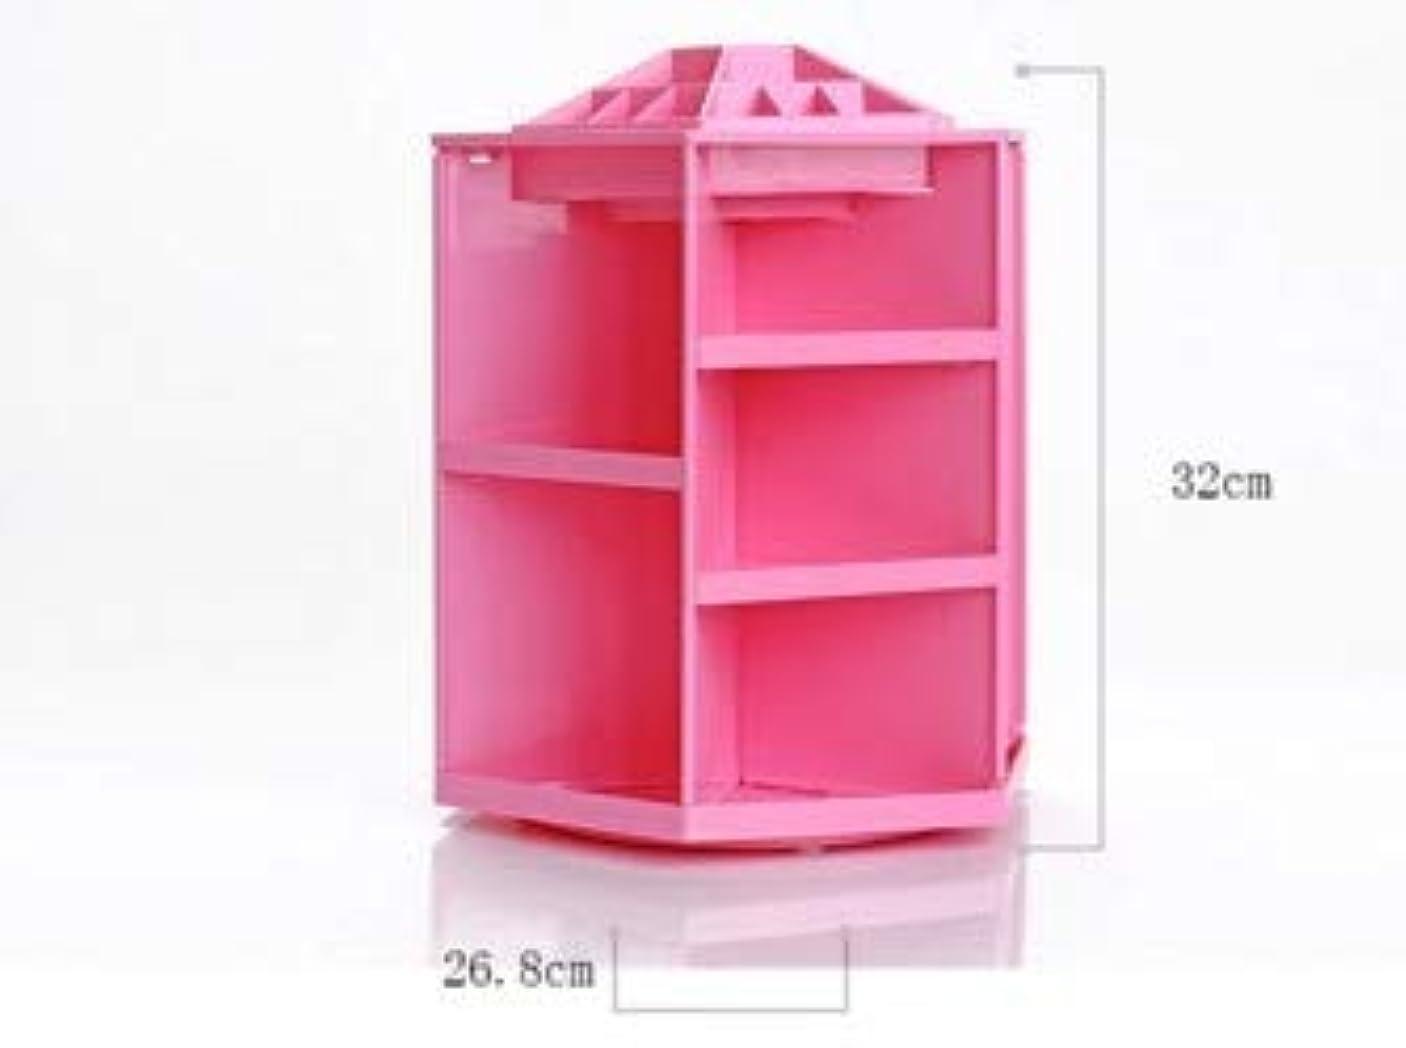 仮定、想定。推測道徳の任意クリエイティブキャンディーカラー多機能化粧品収納ボックス360度回転デスクトップジュエリーボックス (Color : ピンク)